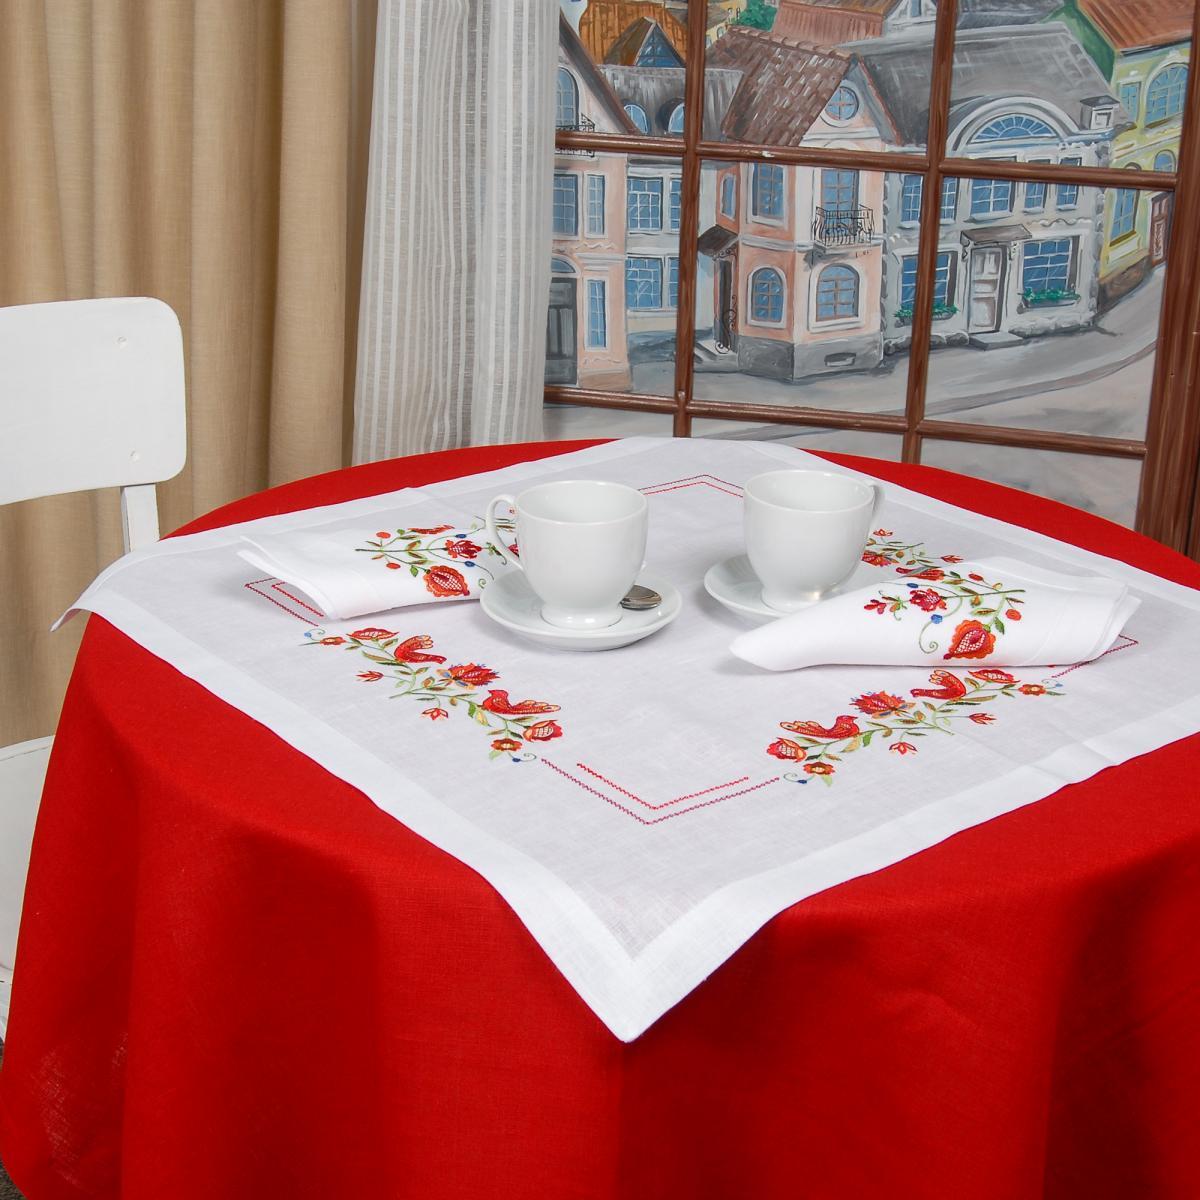 Біла Лляна серветка на стіл Дерево життя 40*40. Фото №2.   Народний дім Україна